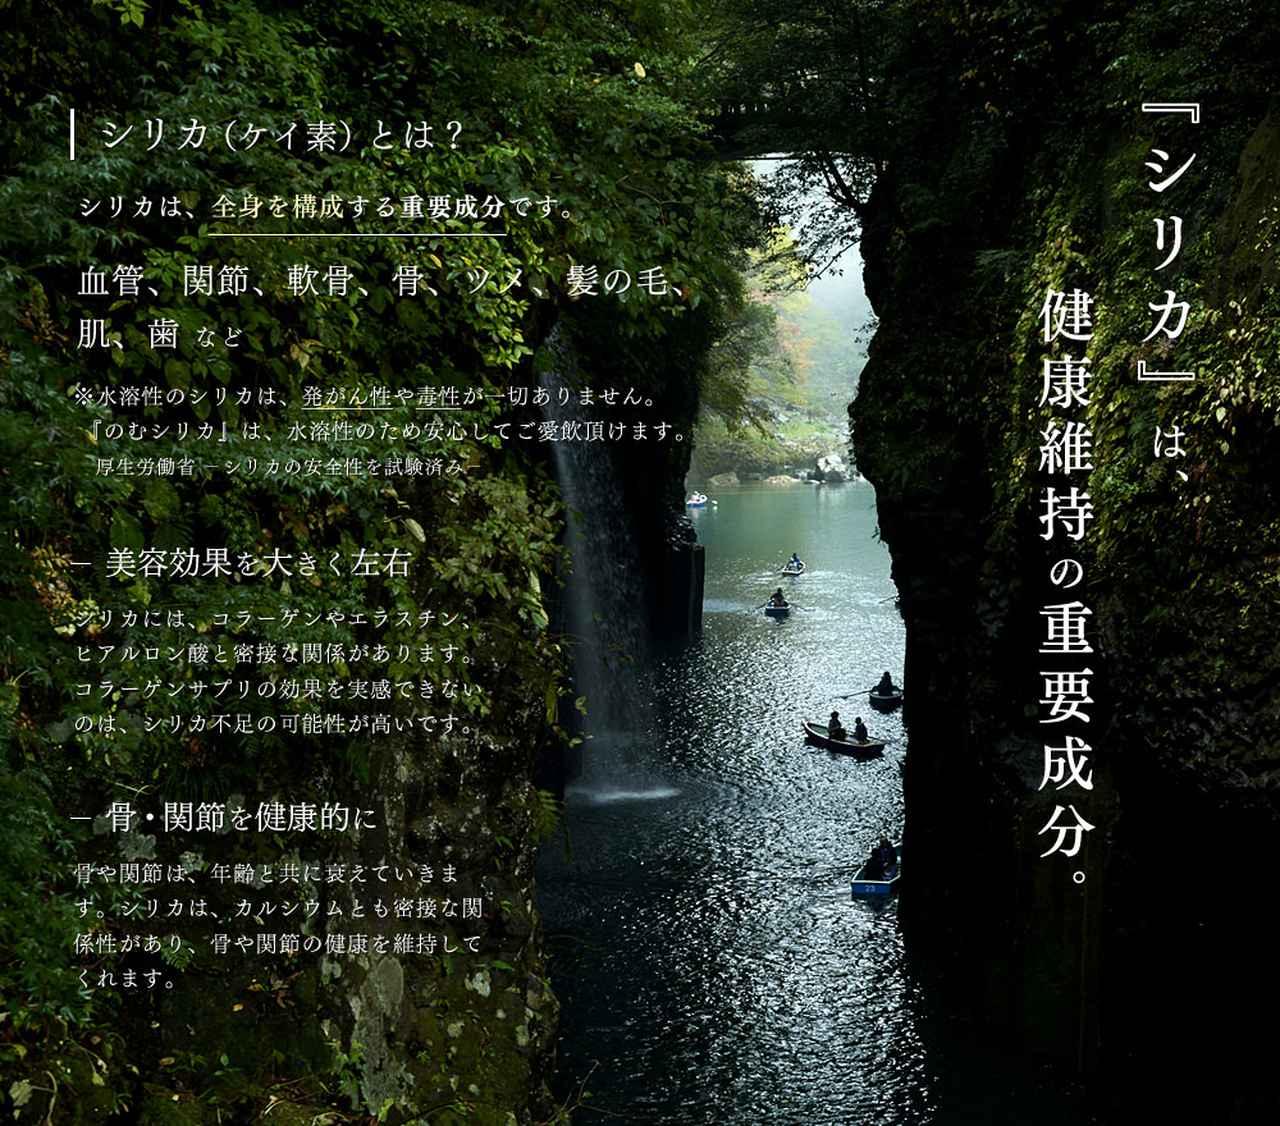 画像: 霧島天然水のむシリカ/炭酸水素イオン、天然シリカなど飲むミネラル